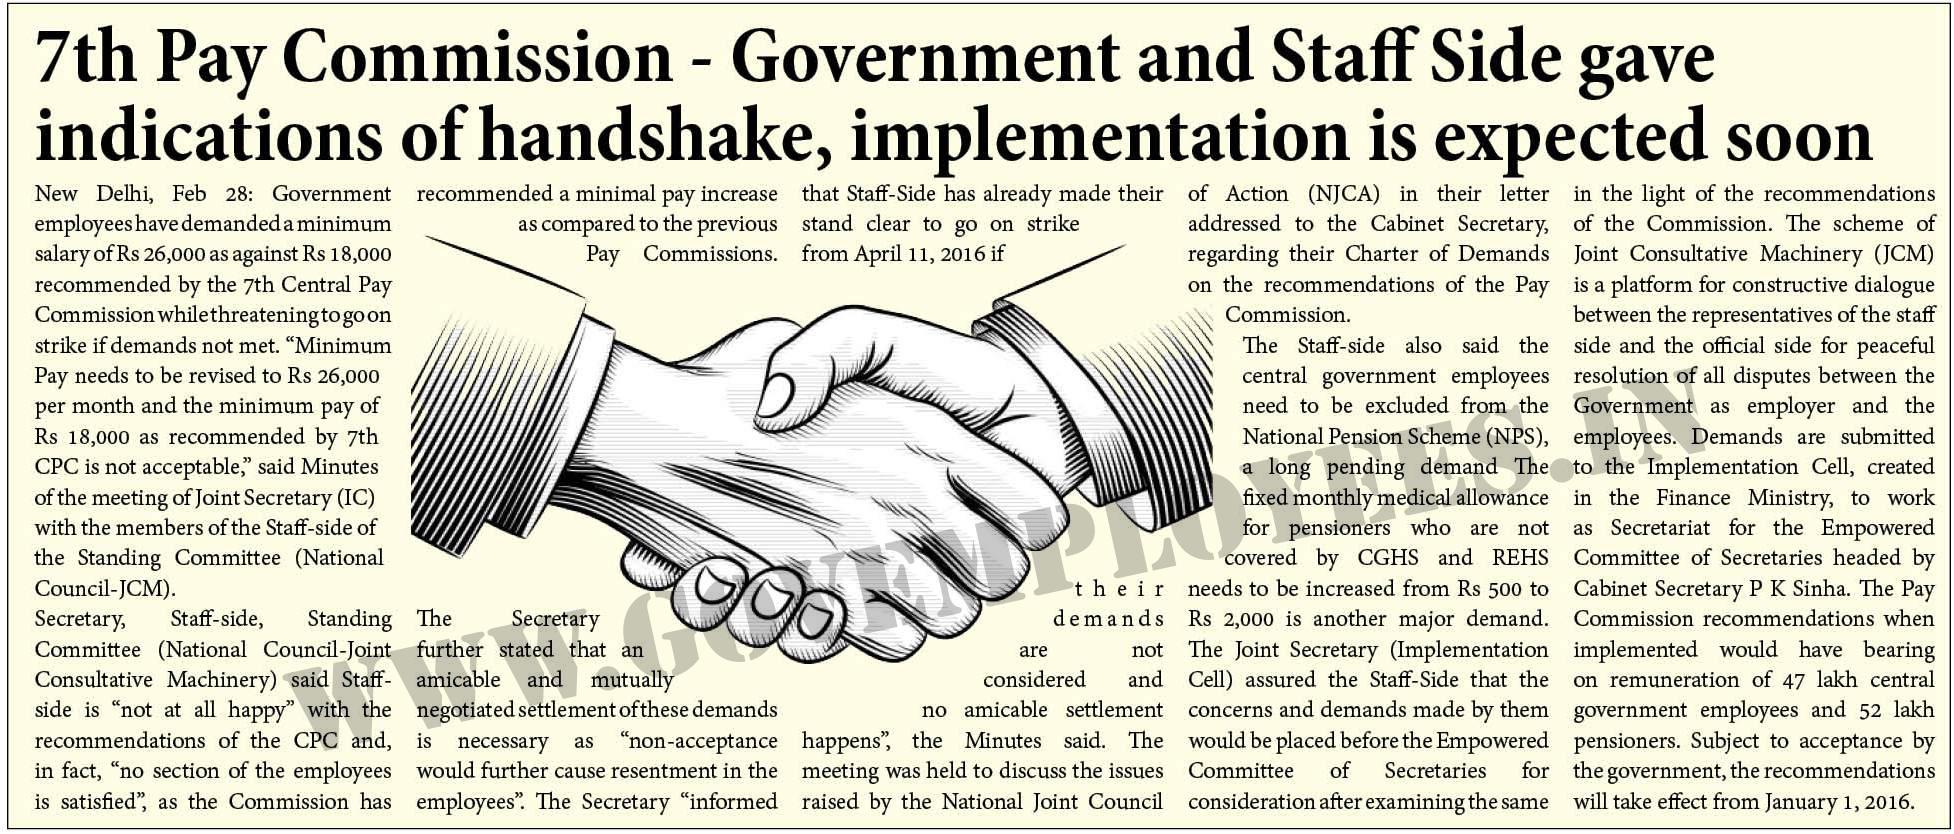 handshake-st